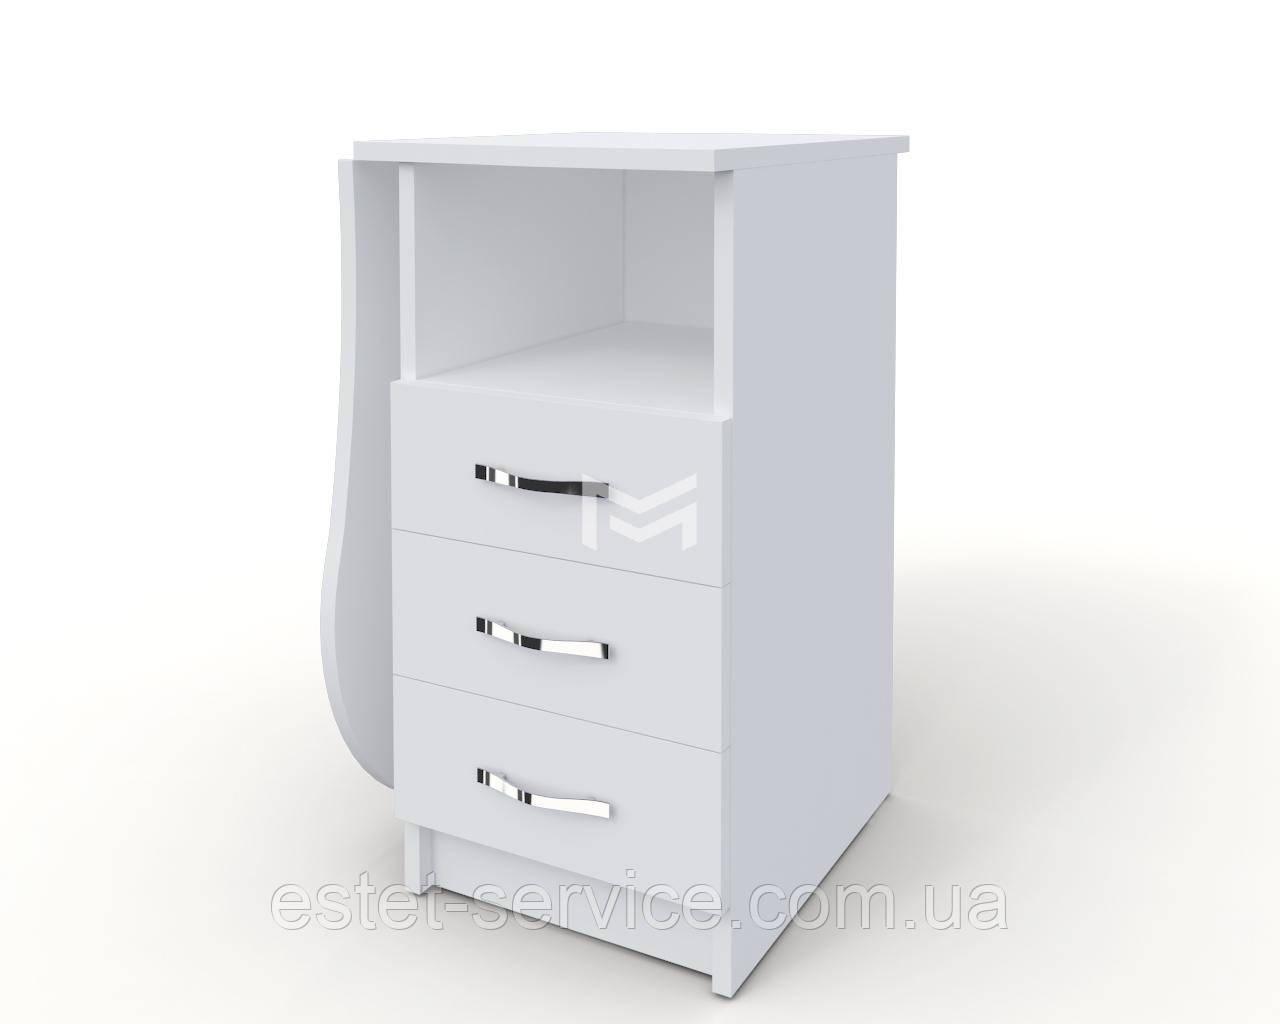 Маникюрный стол Естет компакт со складывающейся столешницей М100К